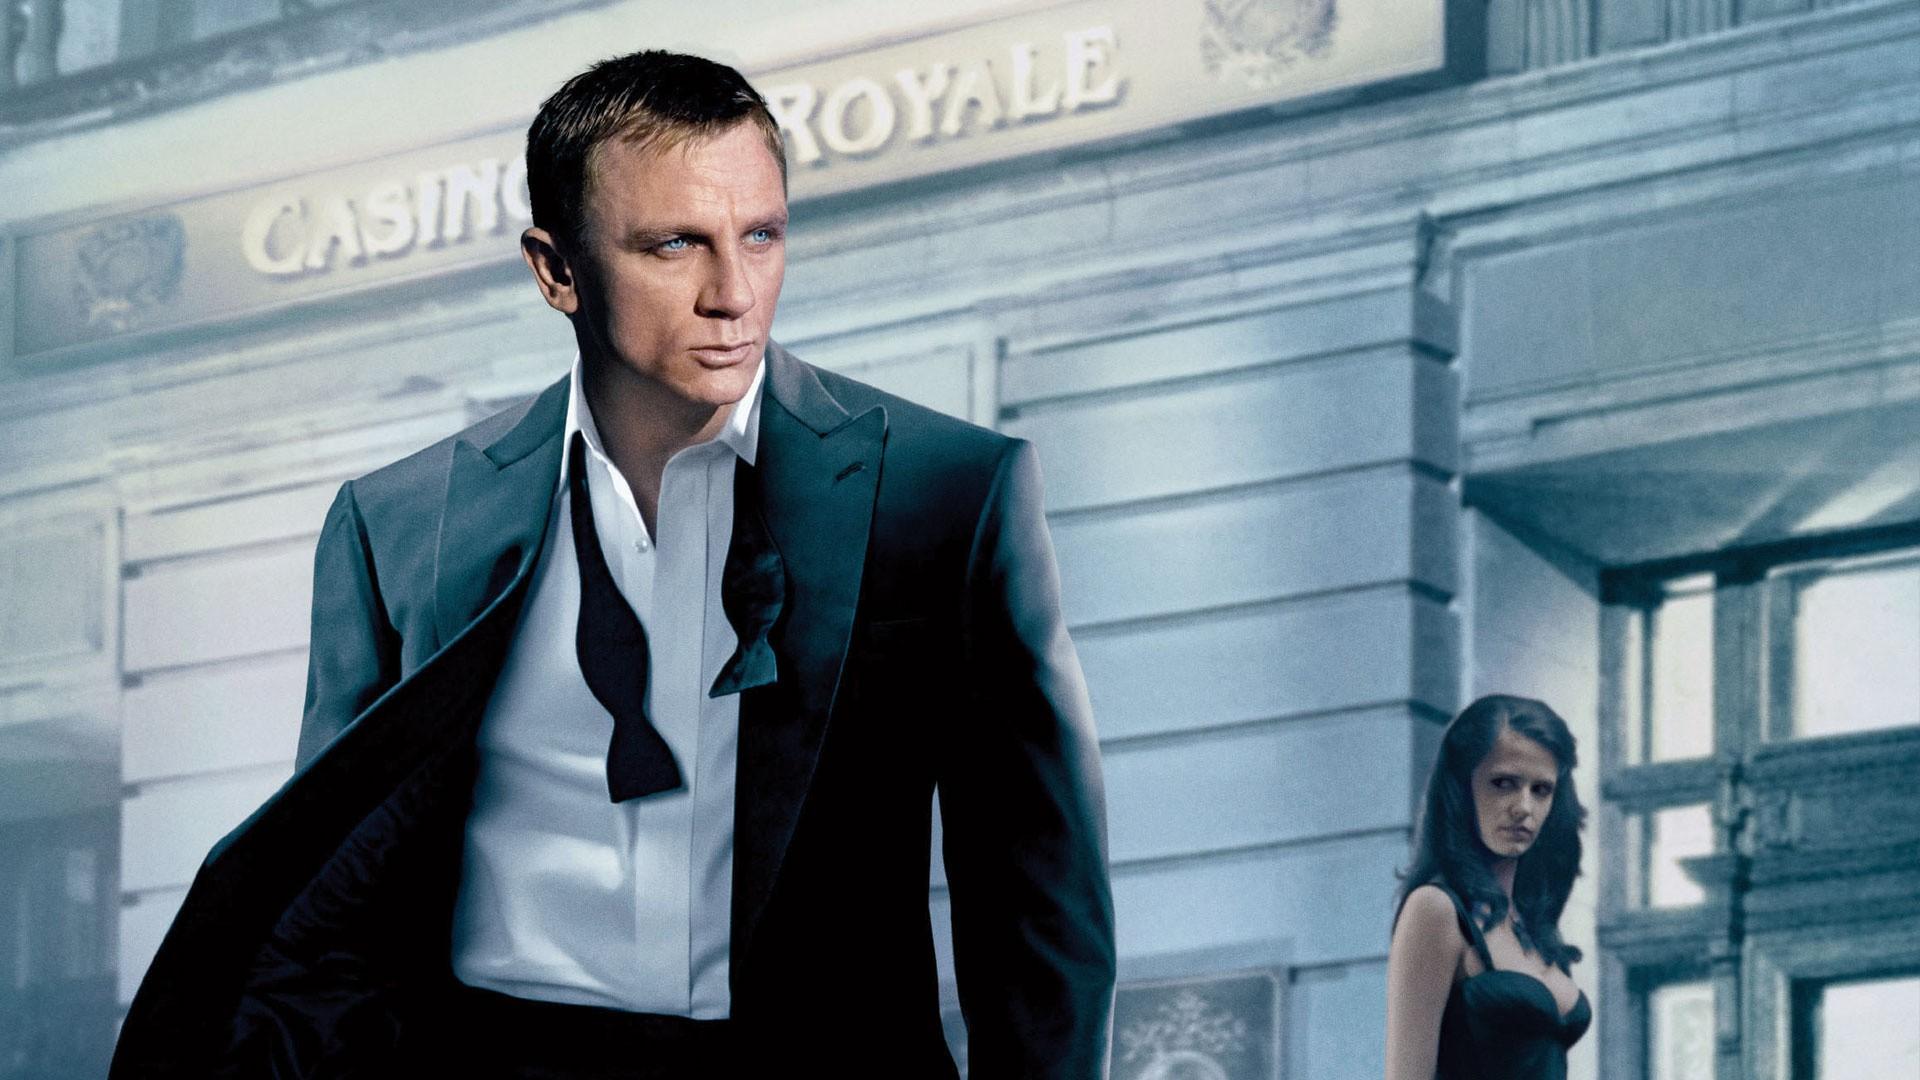 Wallpaper Movies Gentleman James Bond Eva Green Daniel